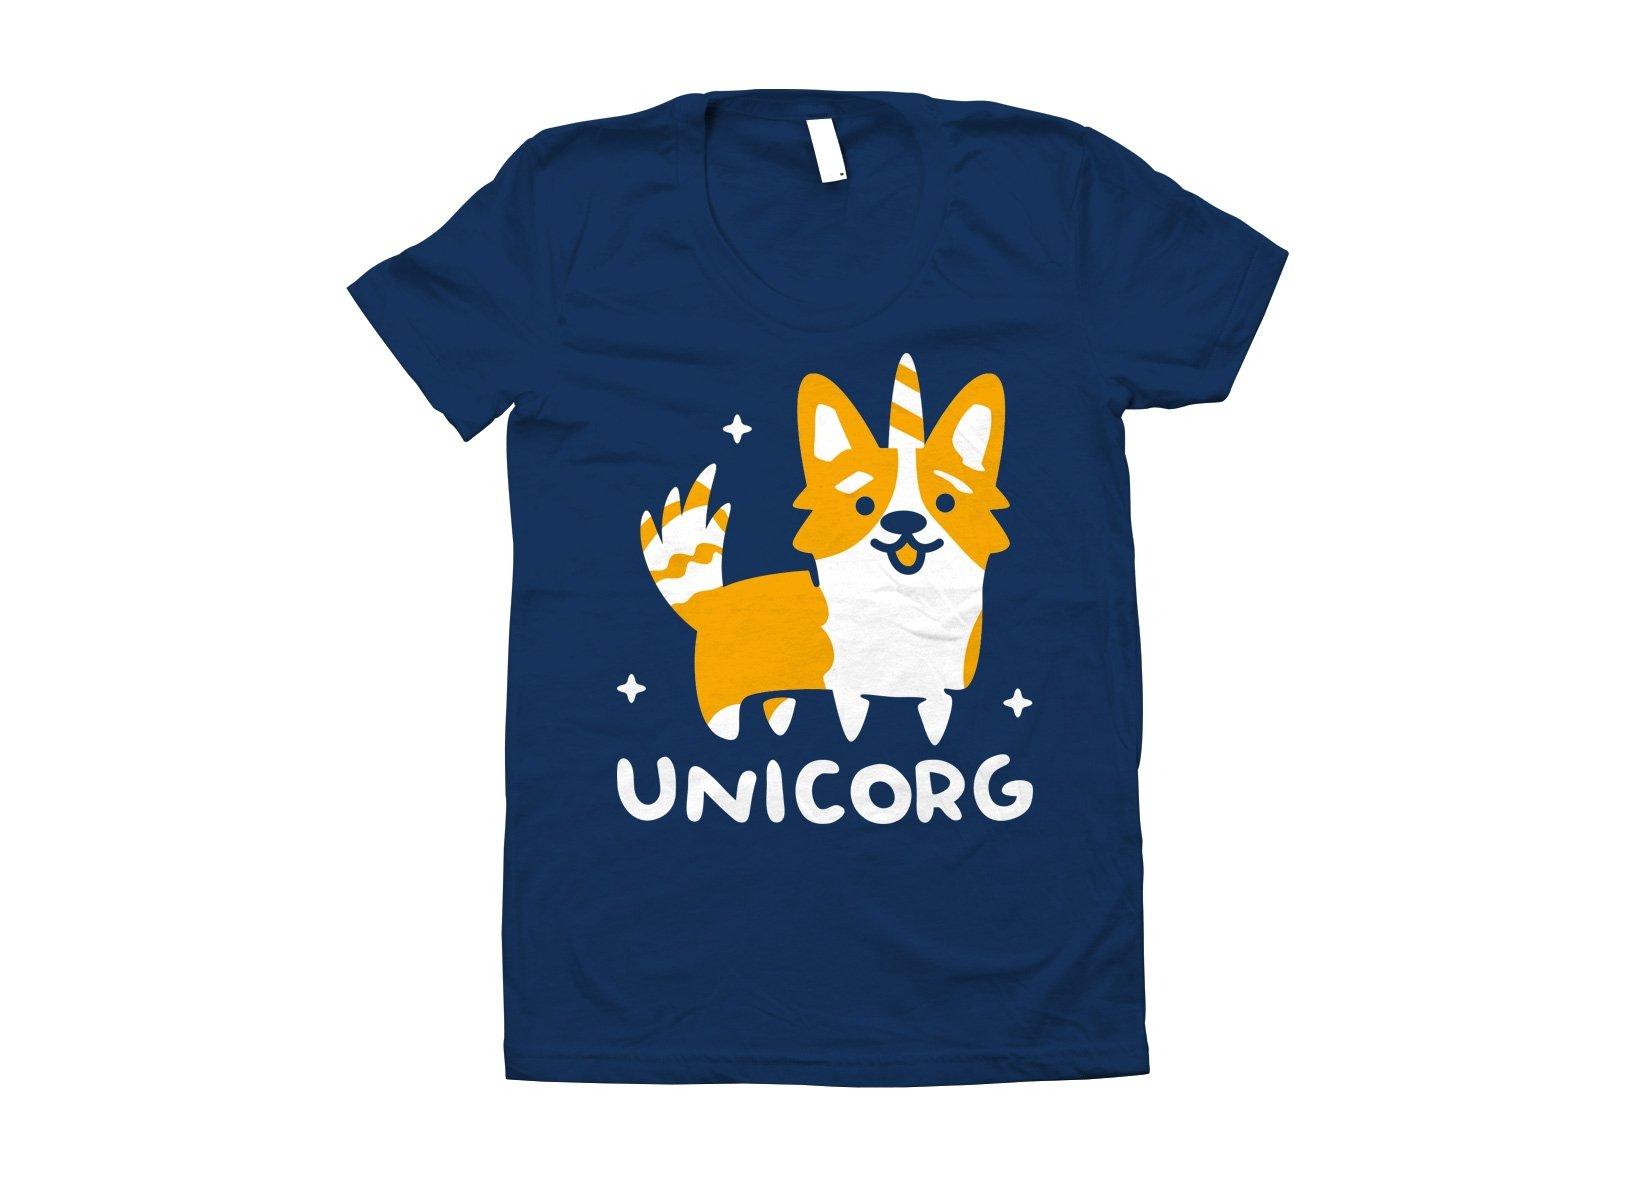 Unicorg on Juniors T-Shirt